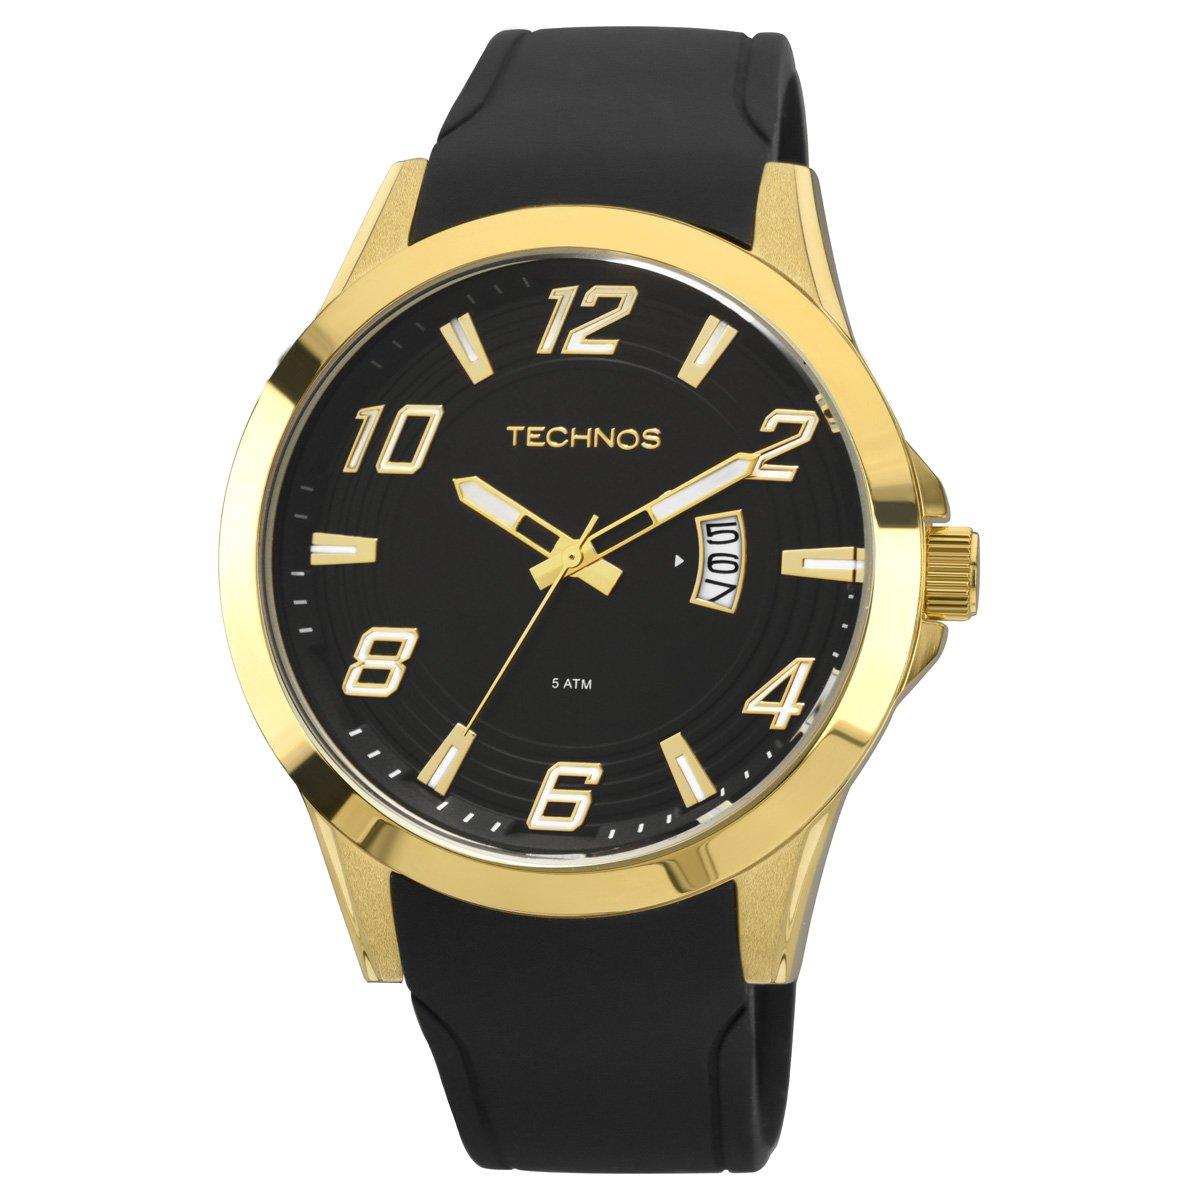 8a084d290d8 Relógio Technos Pulseira de Silicone - Compre Agora